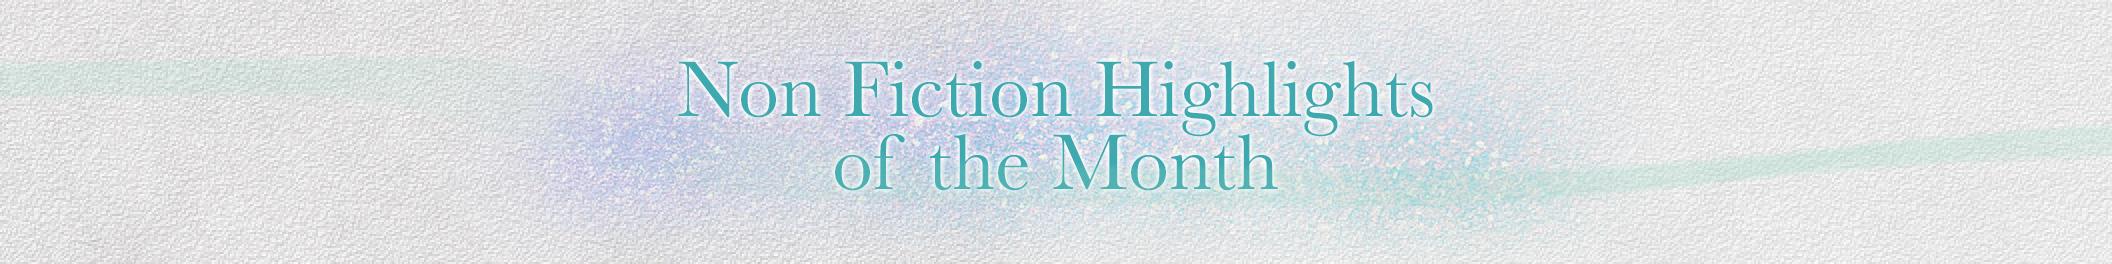 Non Fiction HOTM 2112x264